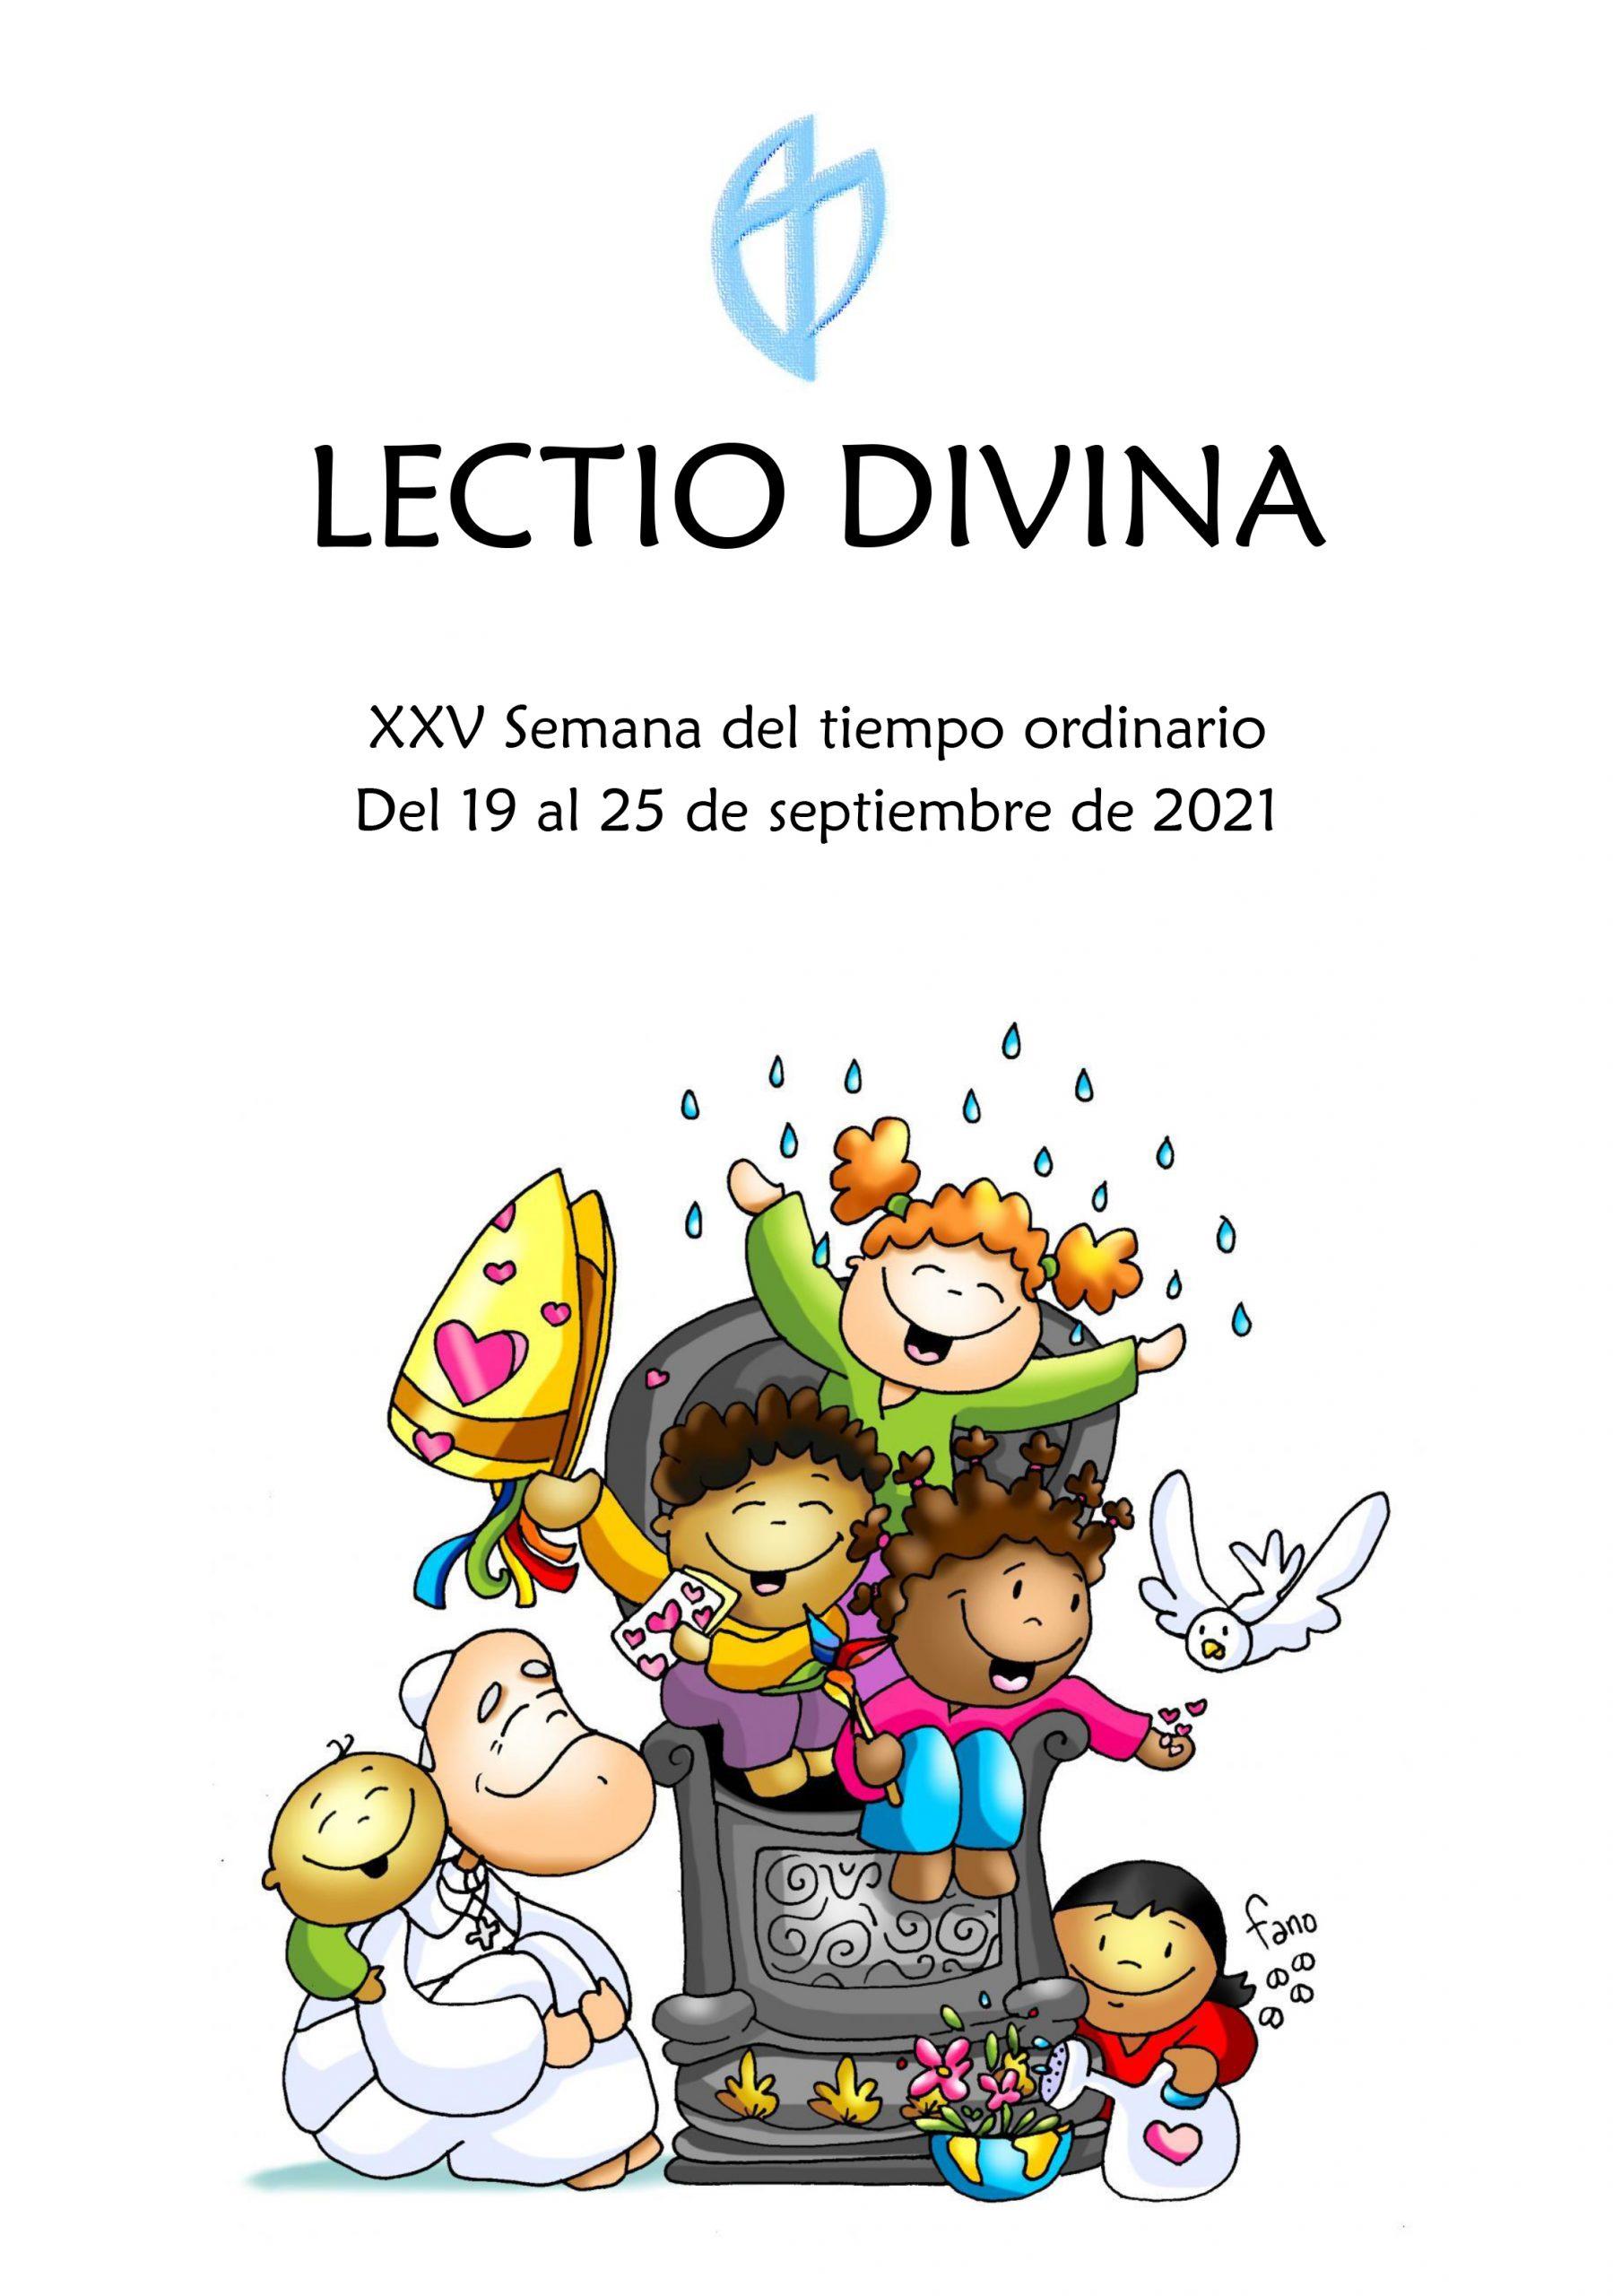 XXV Semana del tiempo ordinario (del 19 al 25 de septiembre de 2021)